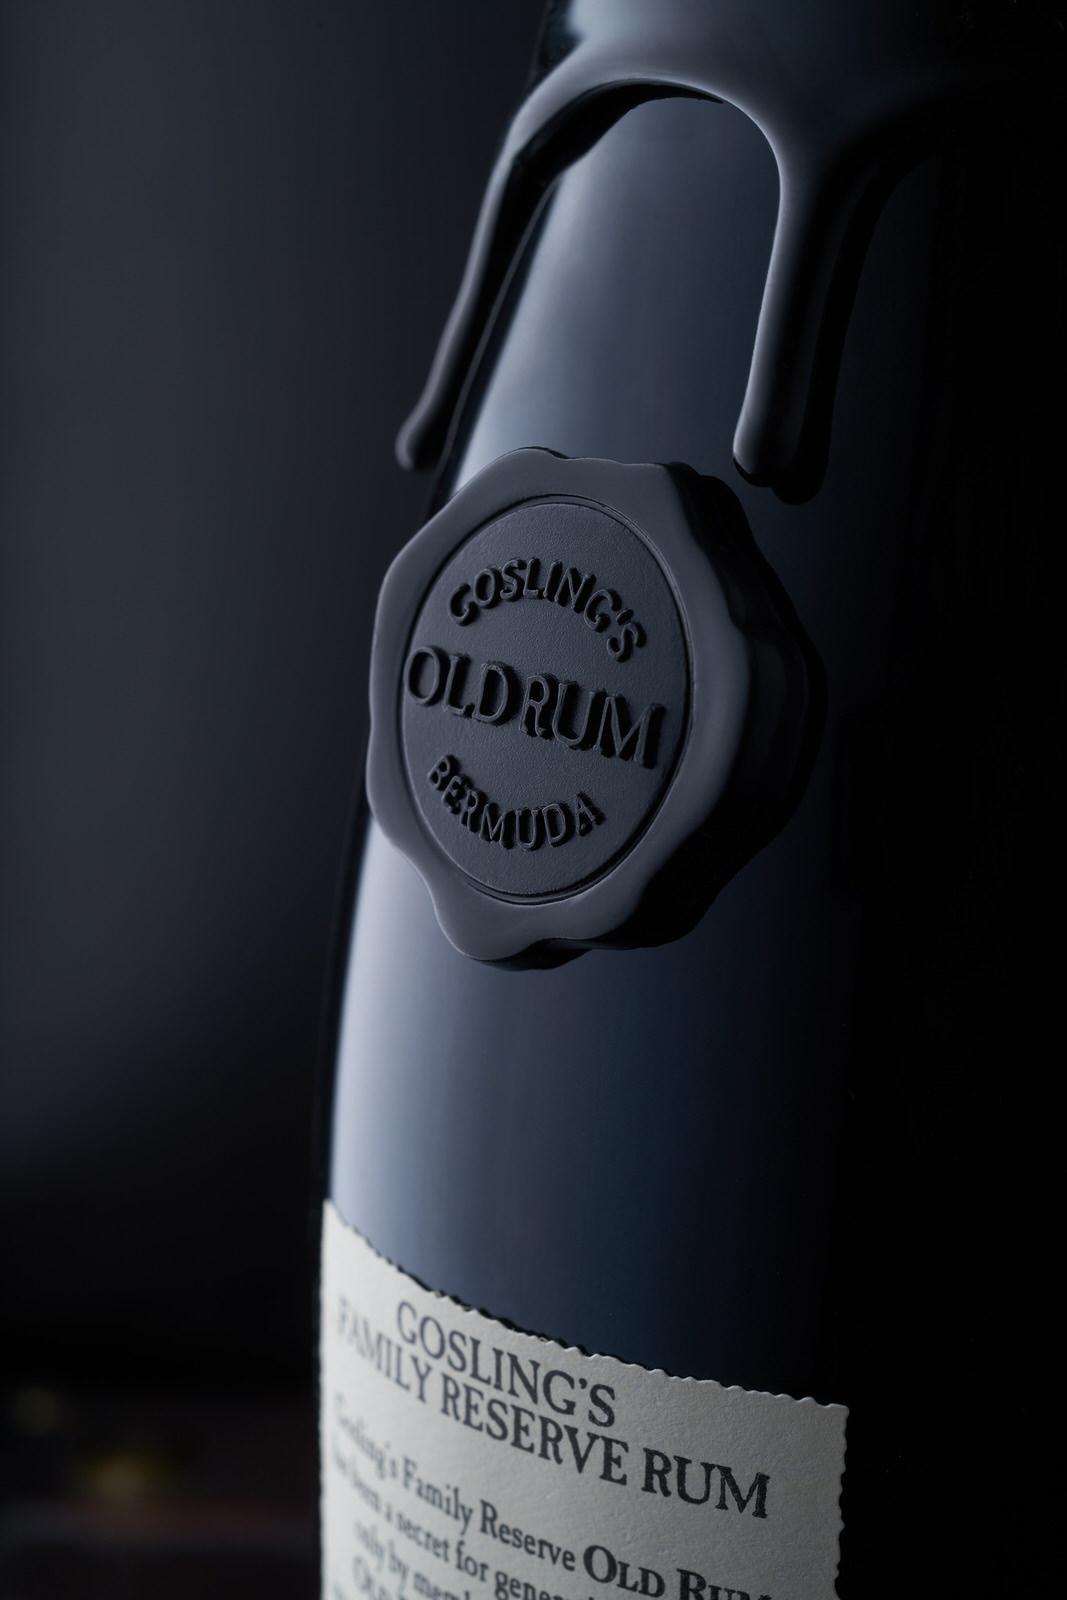 Rhum Gosling - Photo Publicitaire - photographe professionnel - Thierry Pousset - Bordeaux